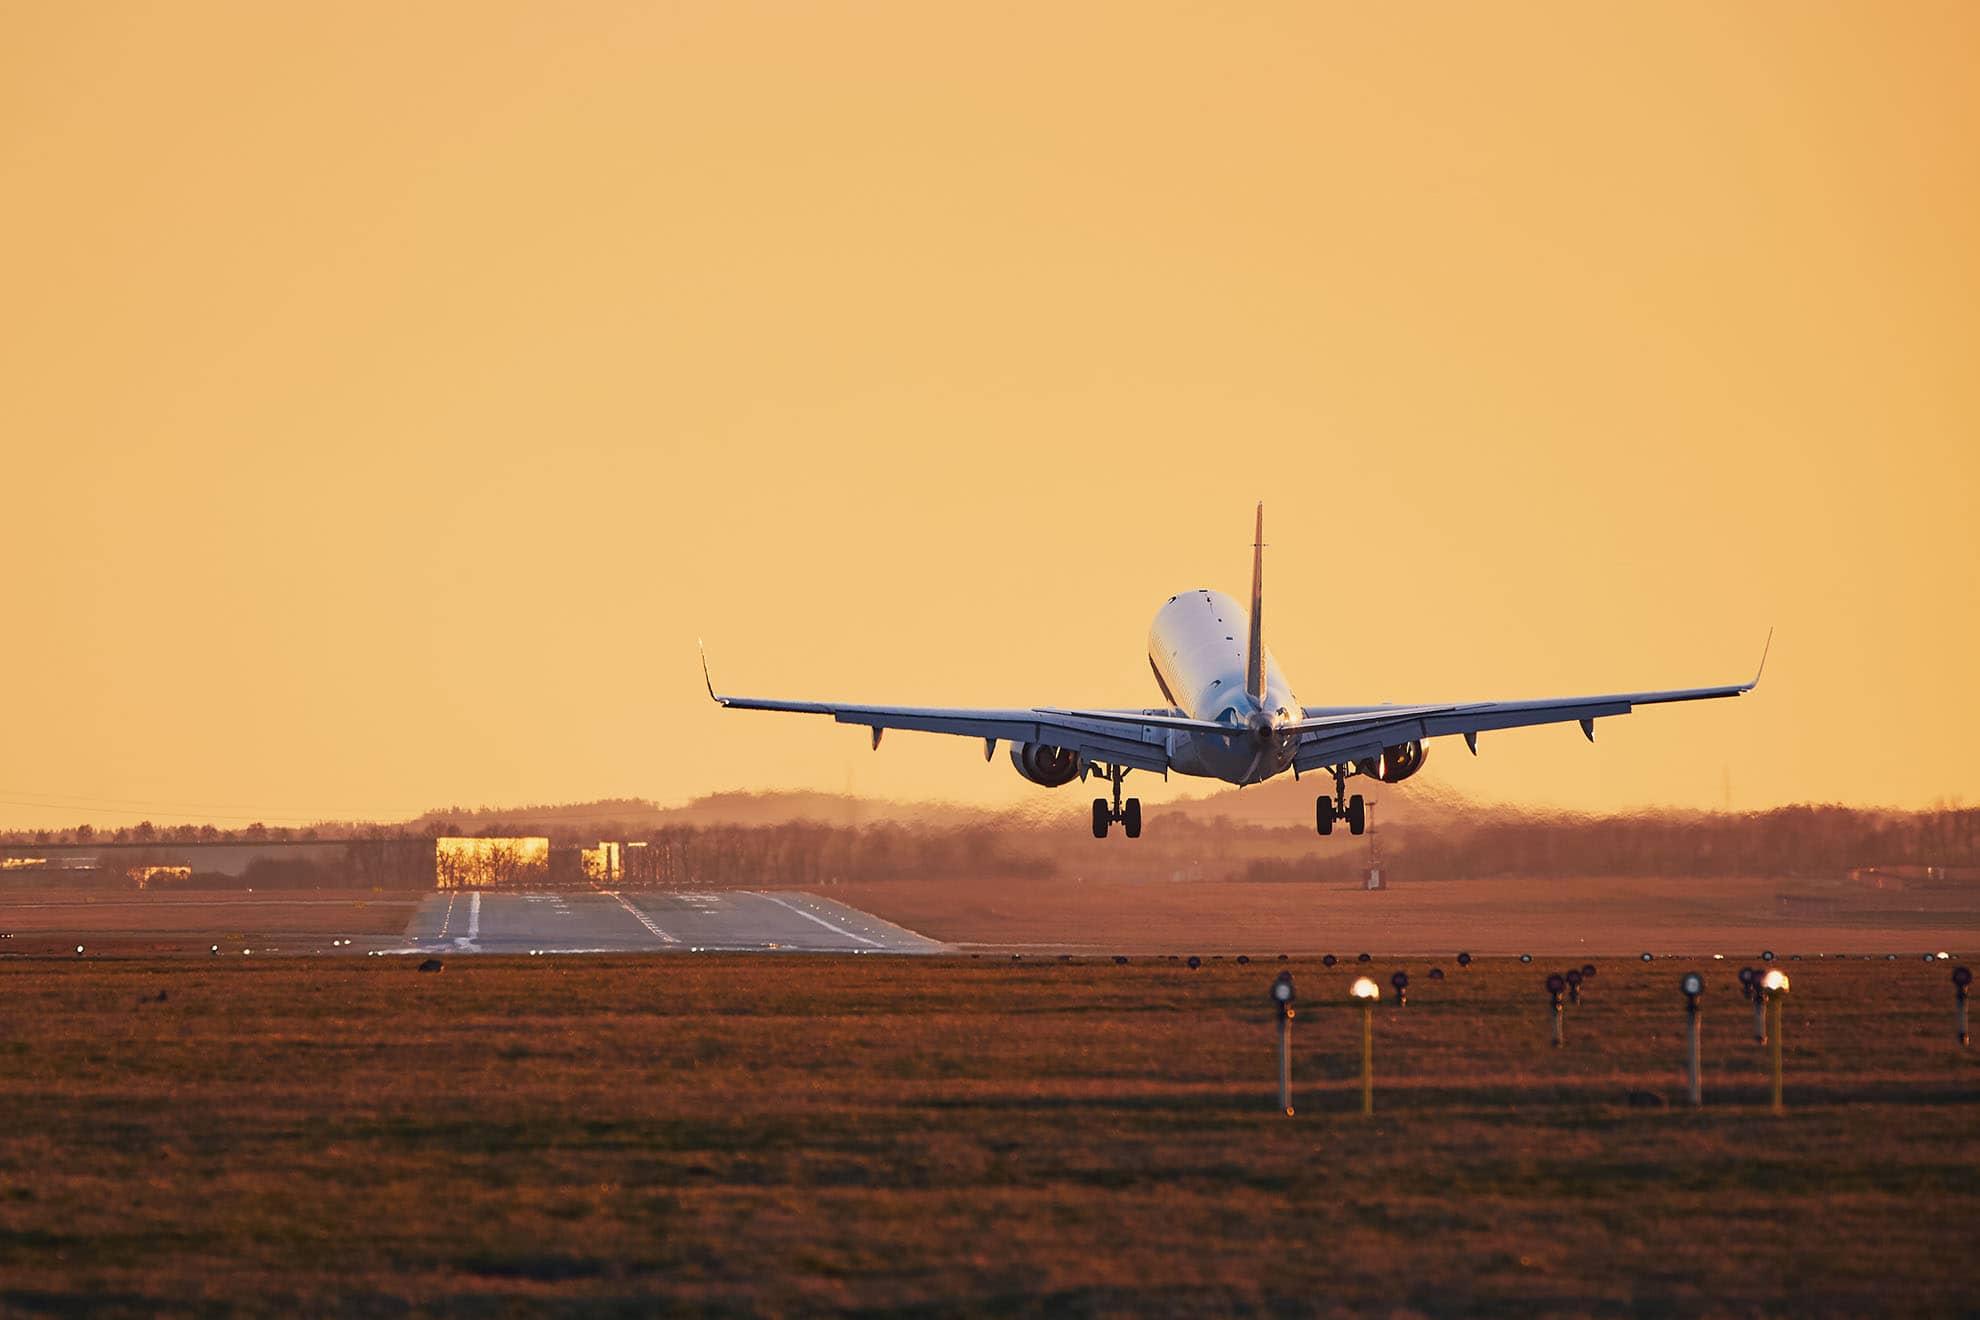 airplane-landing-at-sunset-LX8TSWZ-min